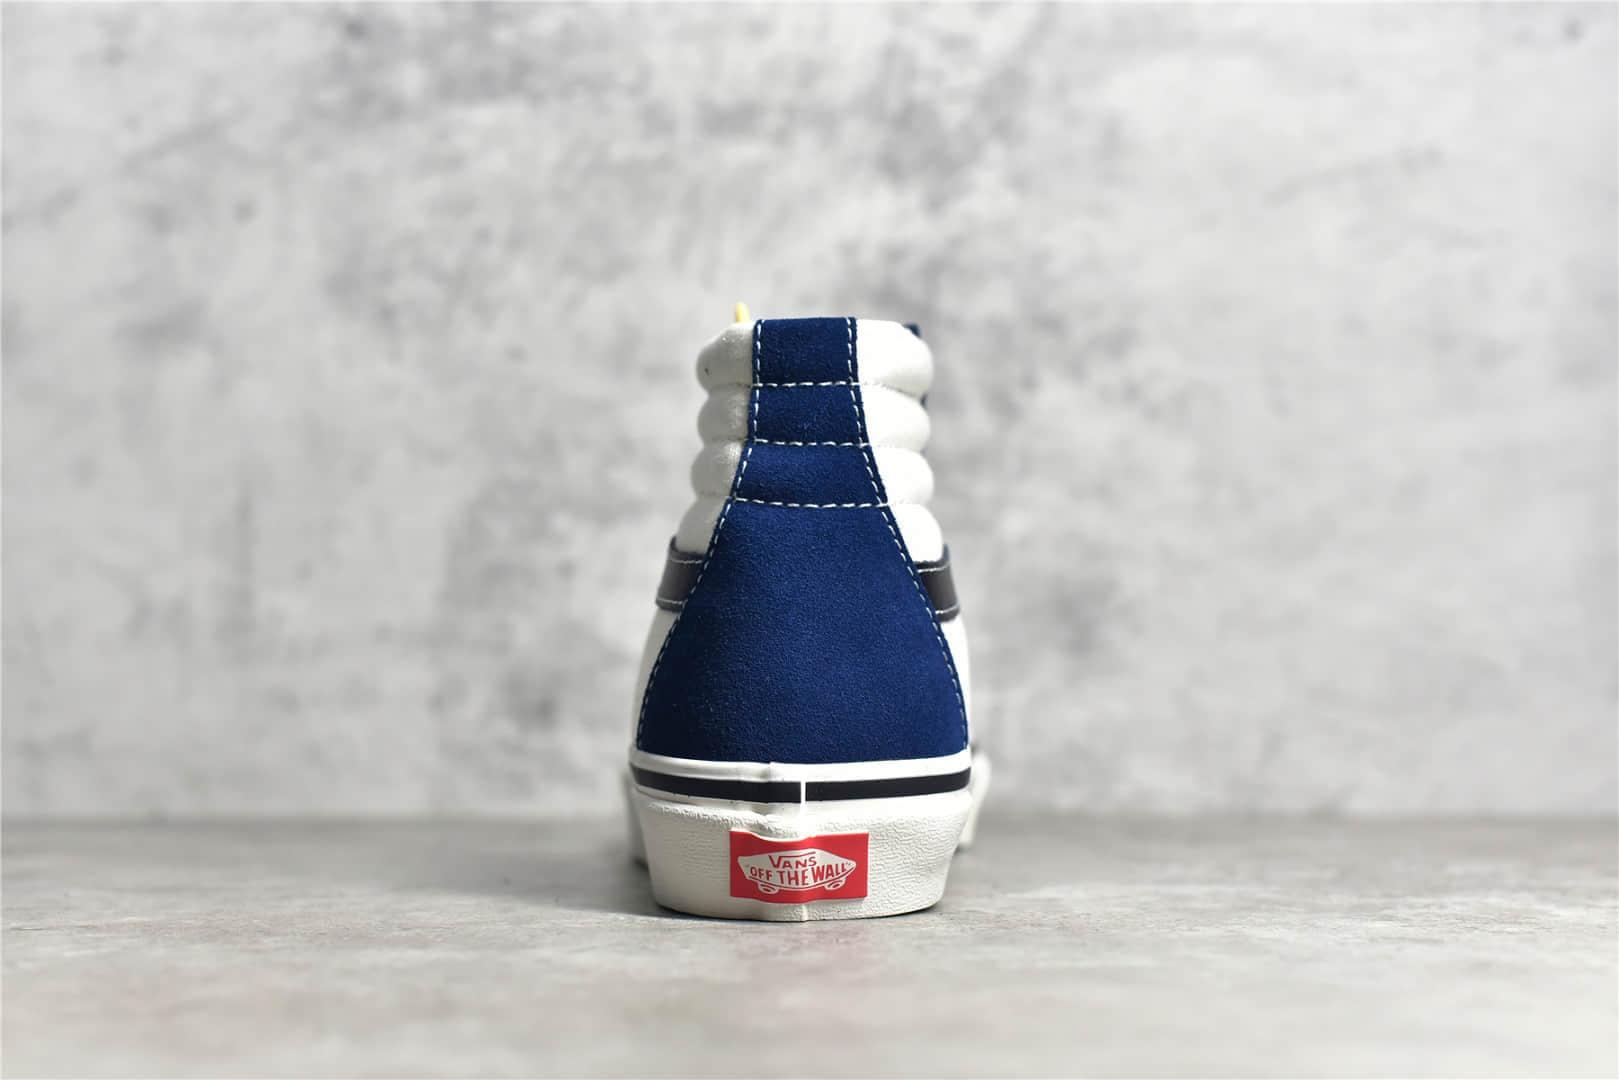 万斯白蓝高帮 Vans Style 万斯范斯纯原版本蓝白拼色 万斯高帮板鞋 顶级硫化万斯莞产版本 货号:VNOA38GF4UJ-潮流者之家